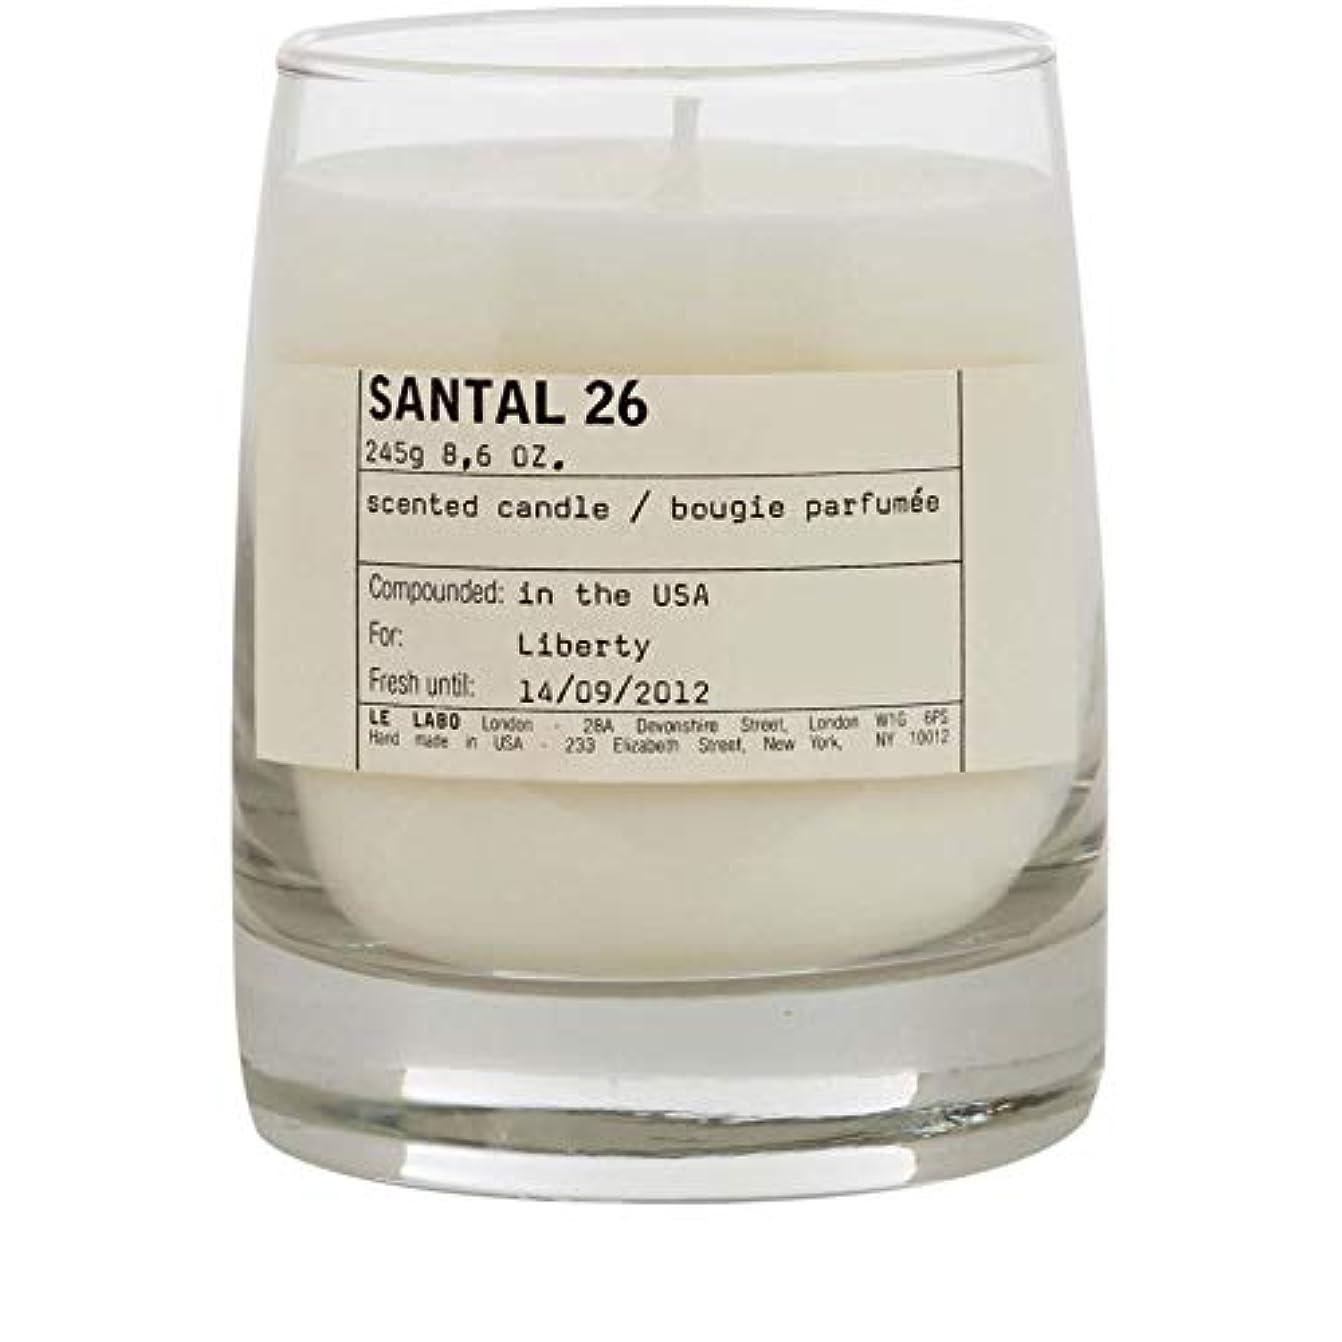 [Le Labo ] ルラボサンタル26キャンドル - Le Labo Santal 26 Candle [並行輸入品]